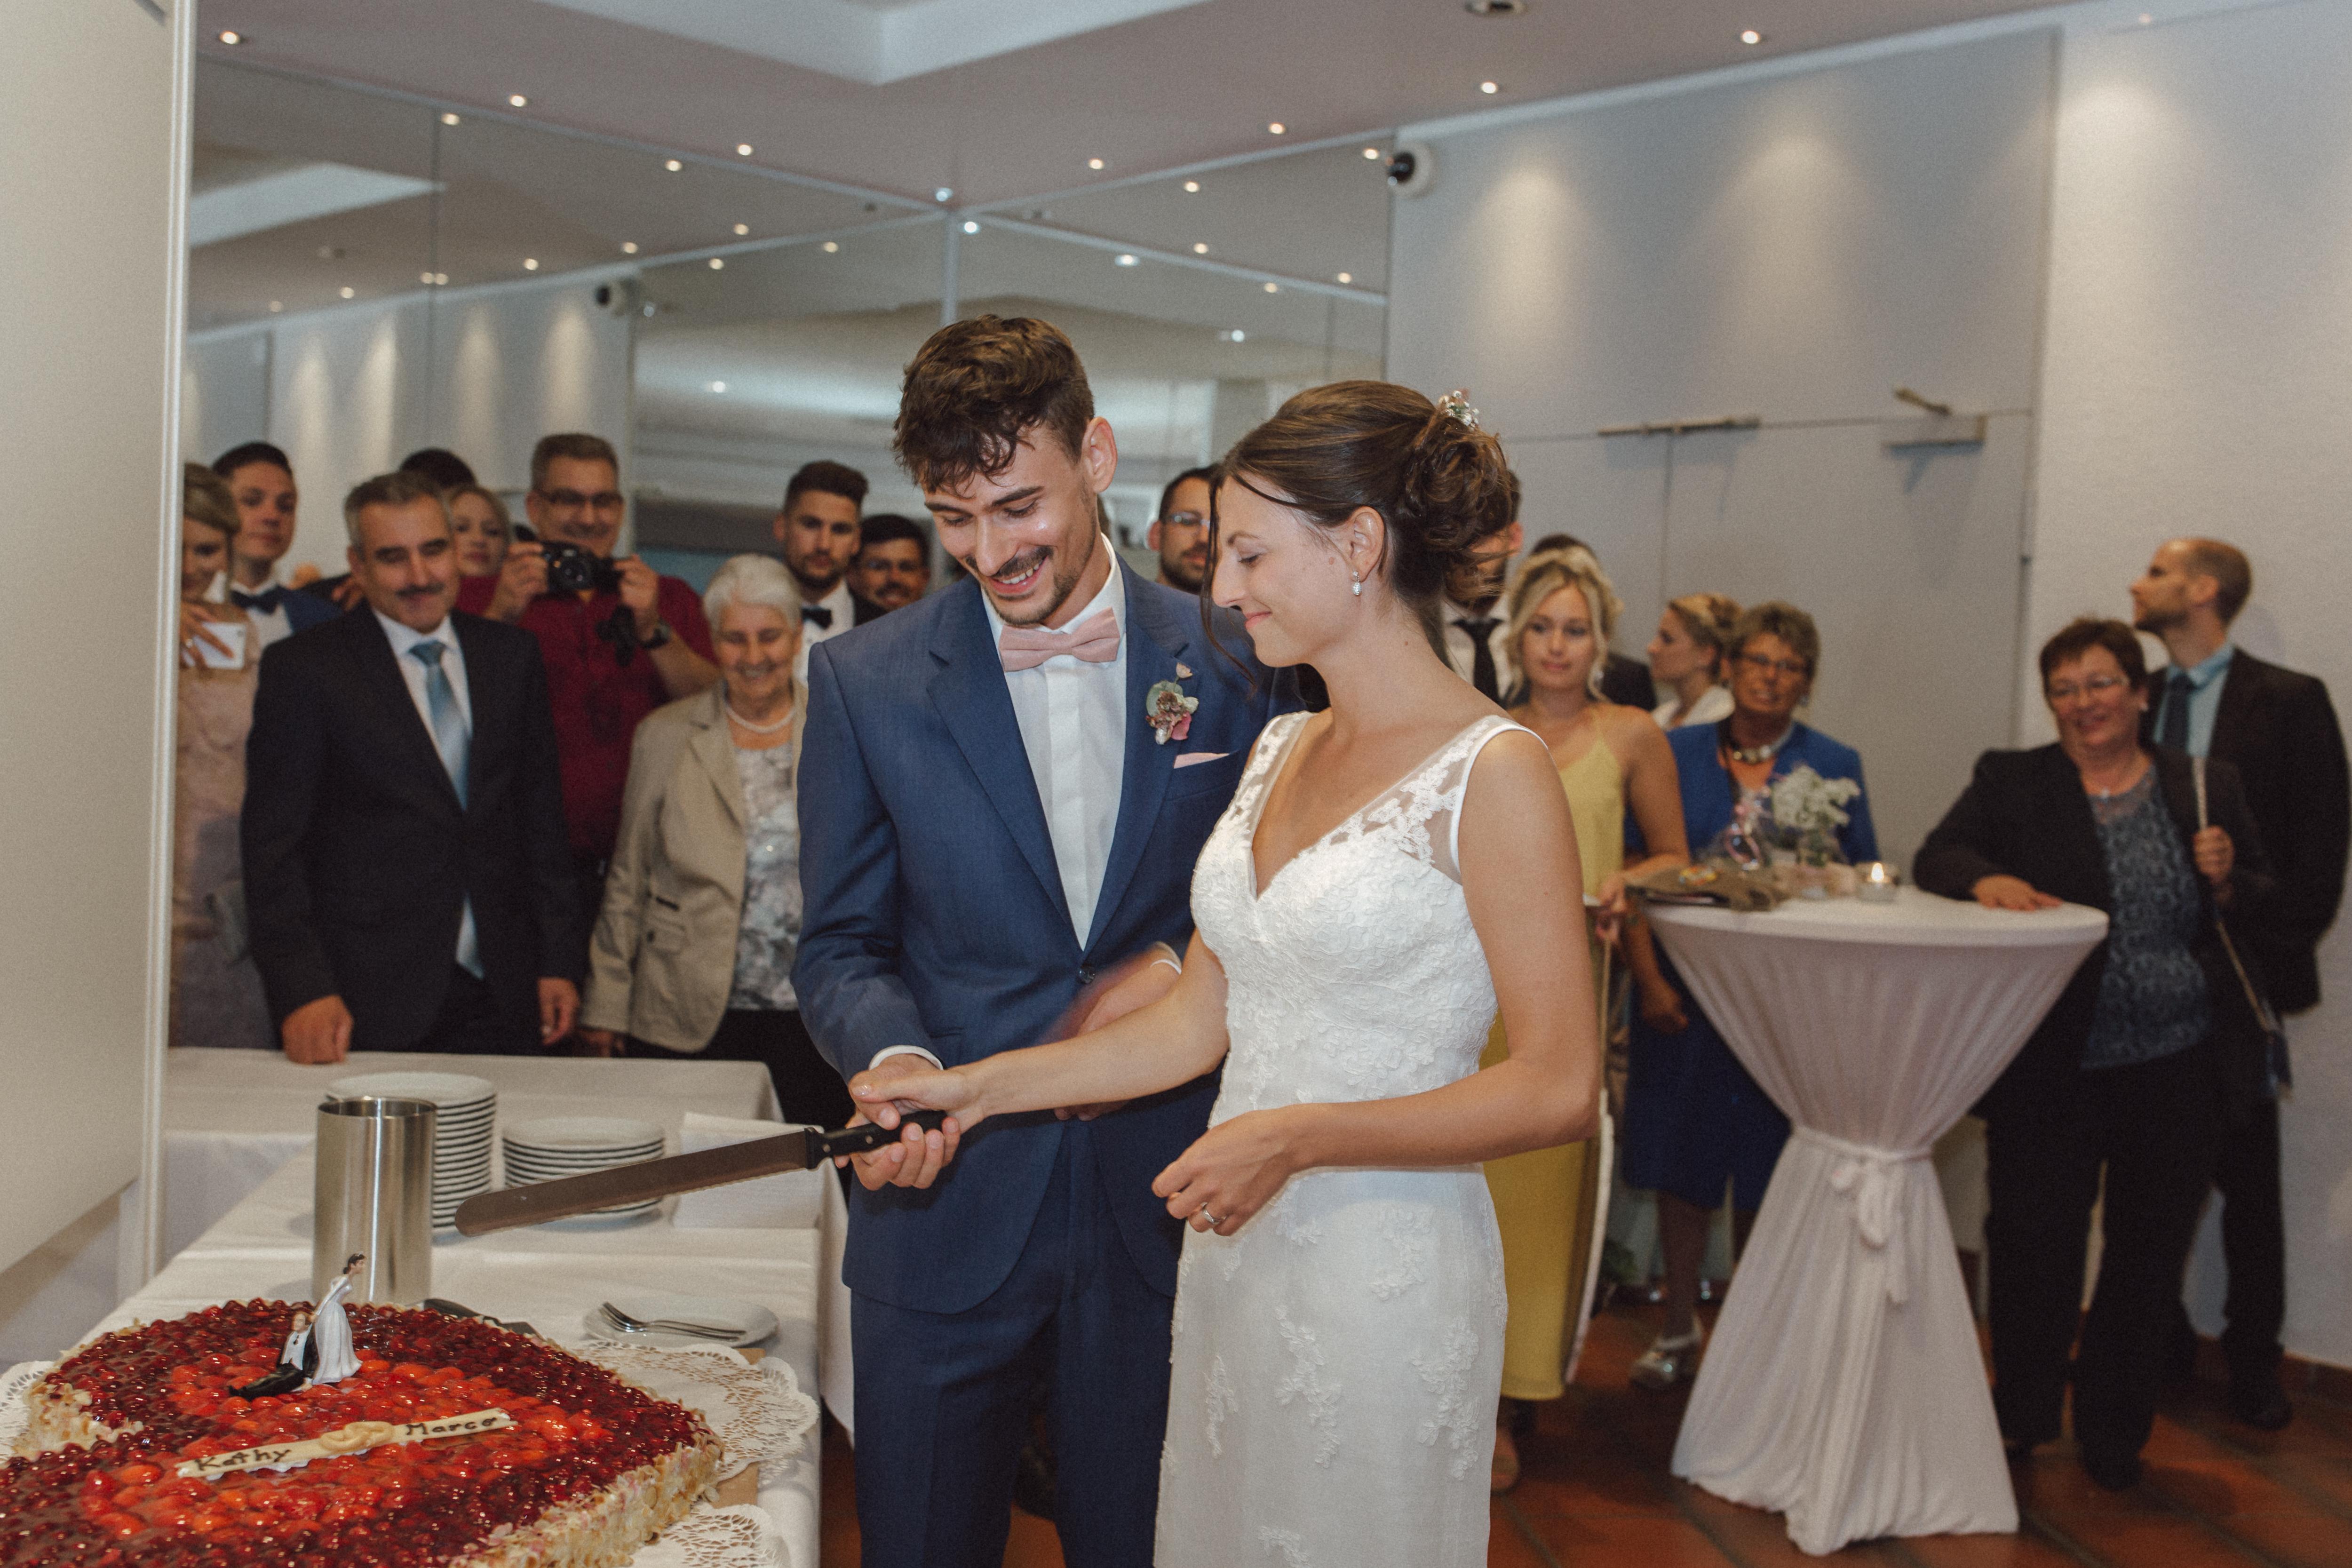 URBANERIE_Daniela_Goth_Hochzeitsfotografin_Nürnberg_Fürth_Erlangen_Schwabach_170715_0679